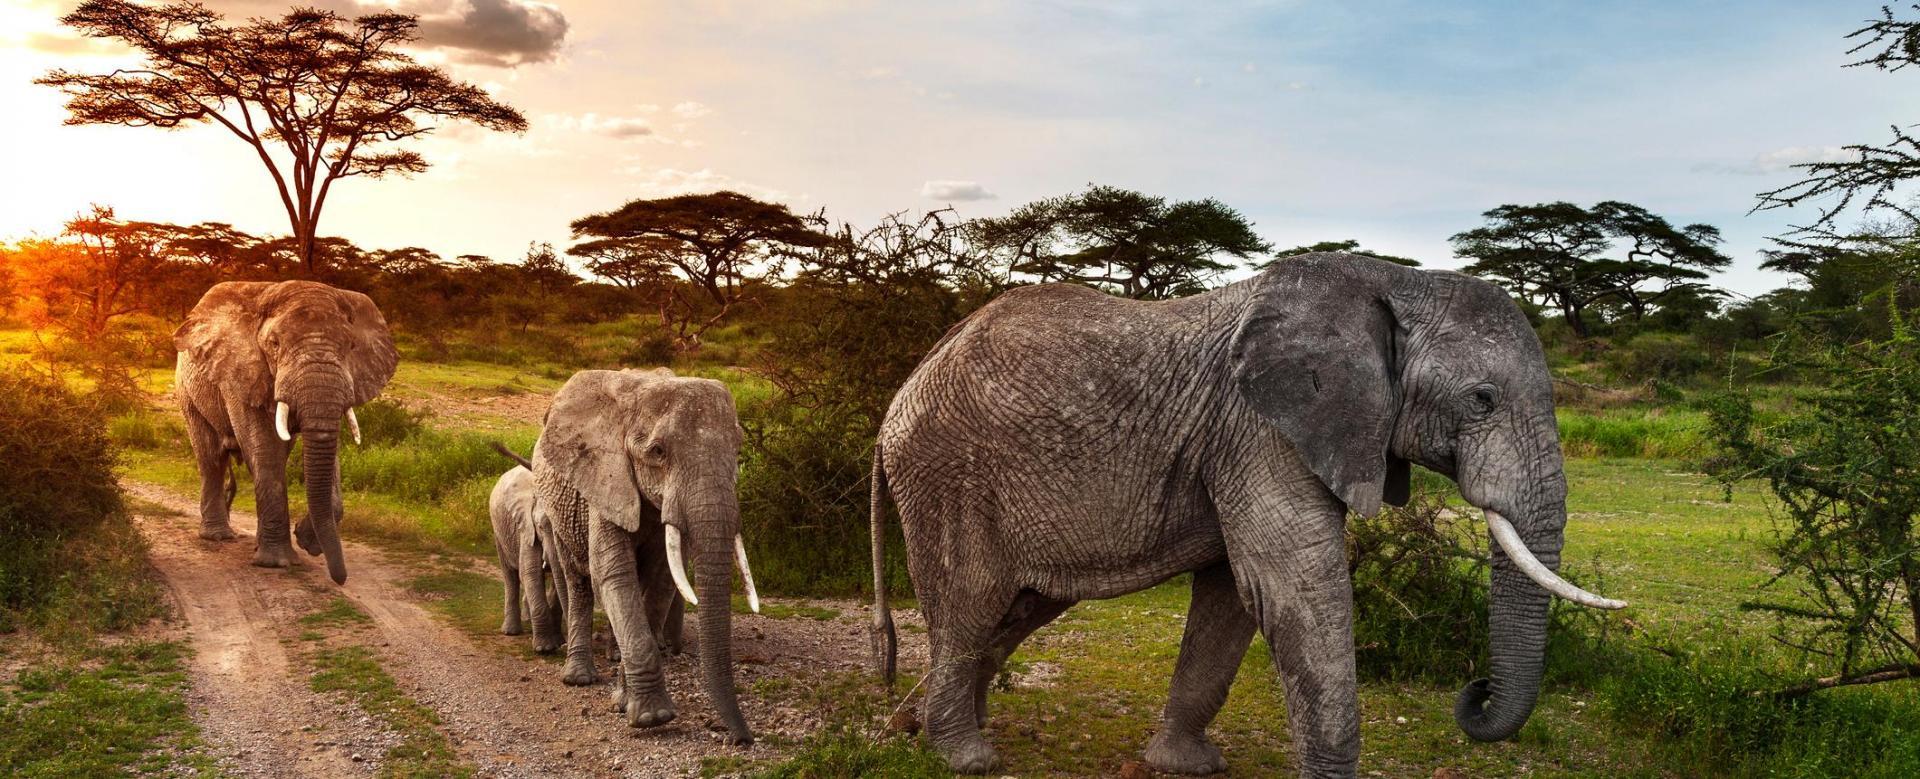 Voyage avec des animaux : Safari dans les parcs mythiques de tanzanie